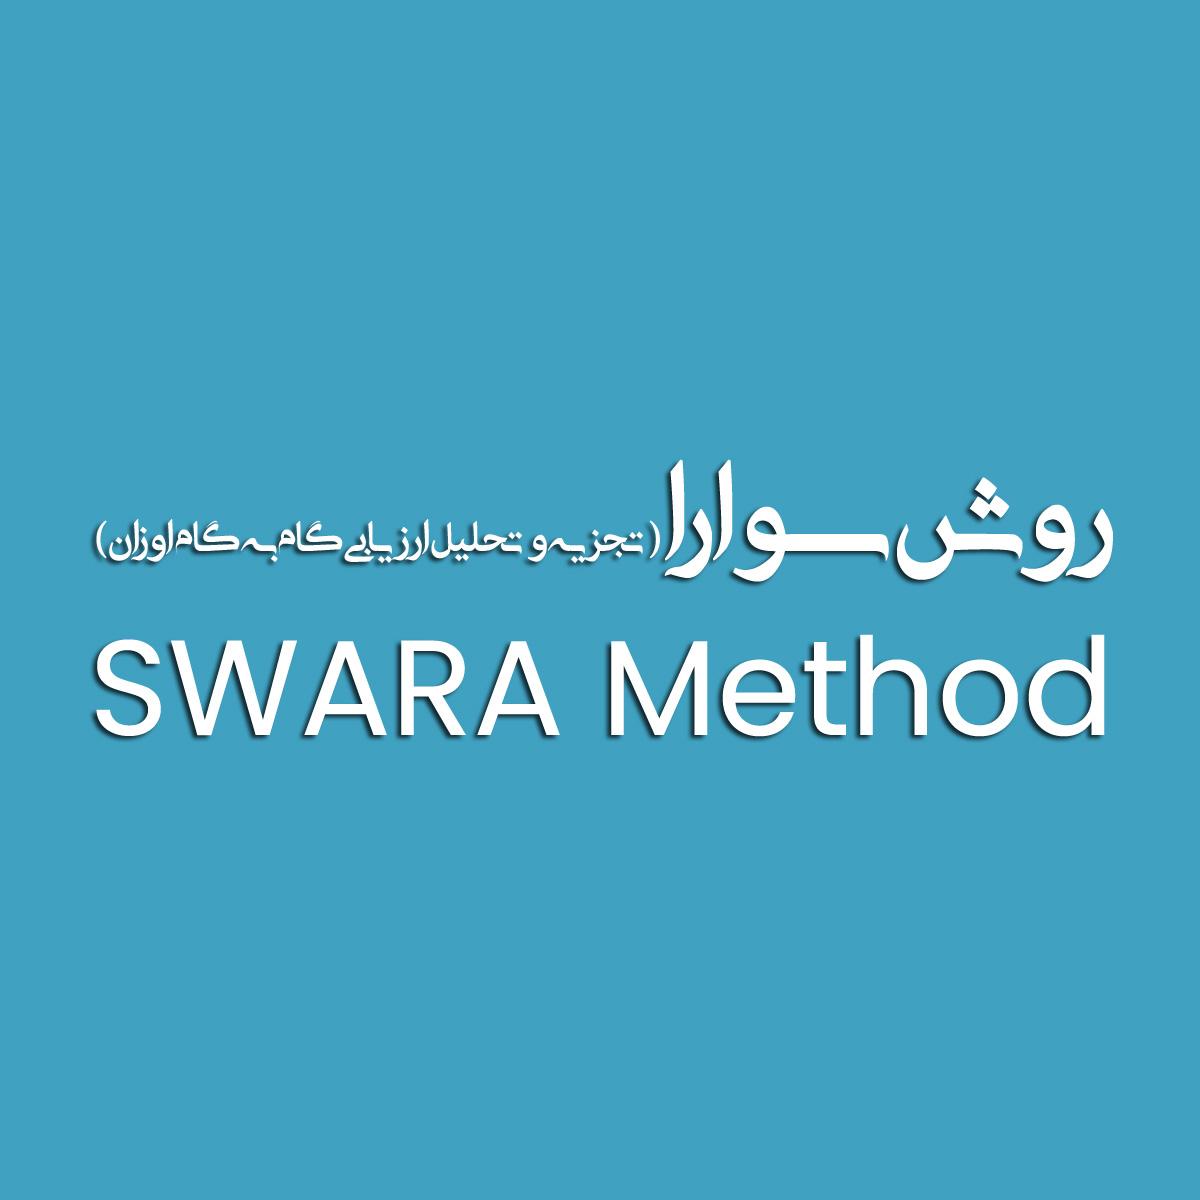 روش SWARA